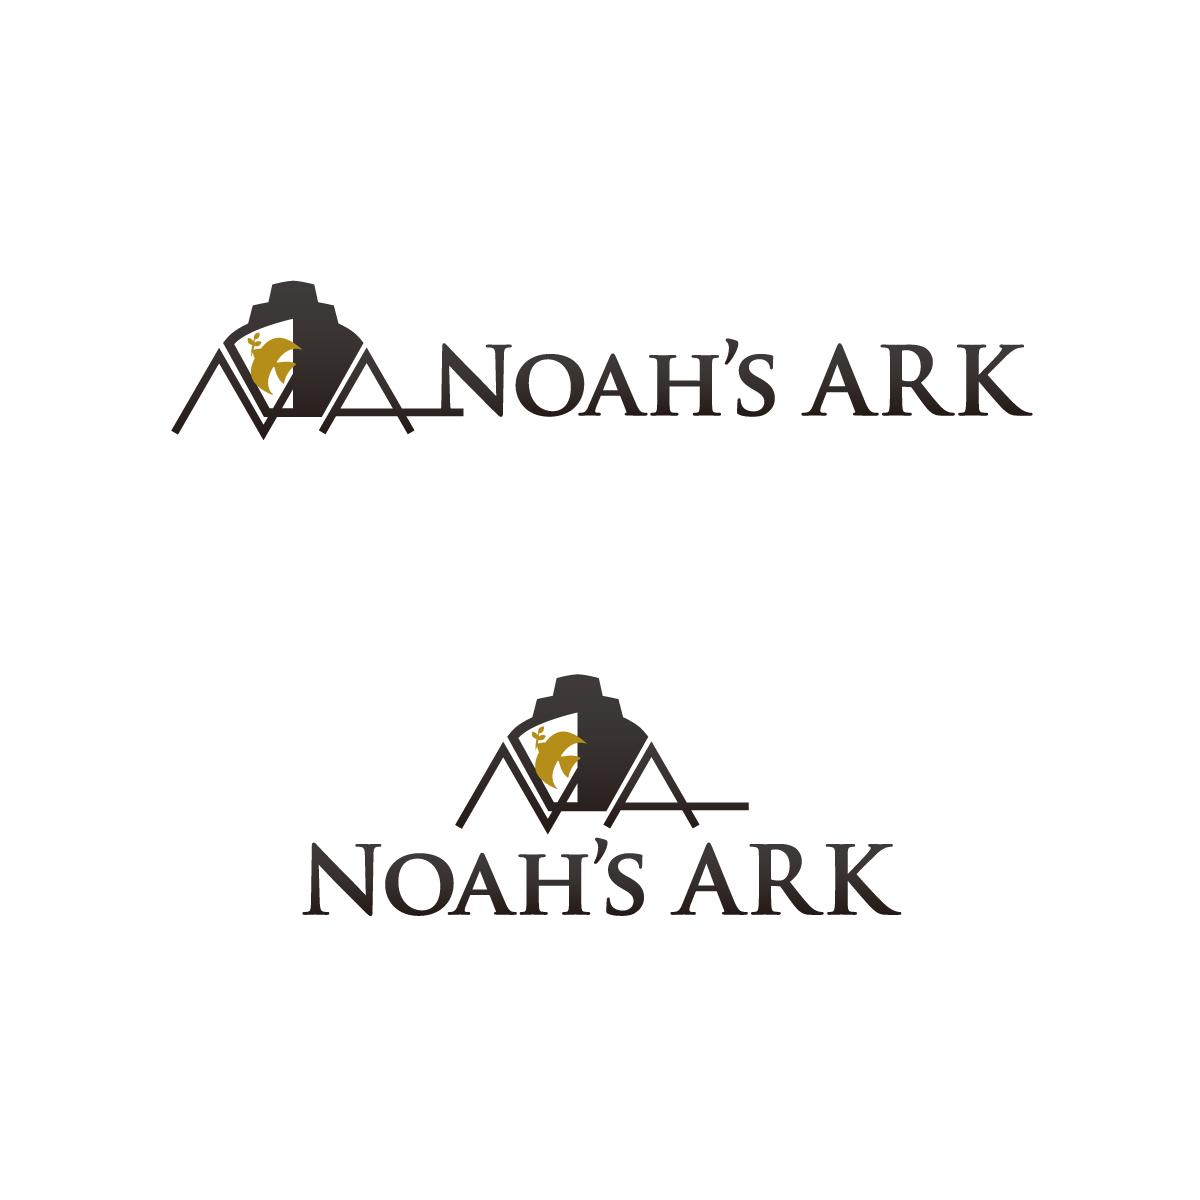 ゴスペルシンガーズ Noar's Ark様 ロゴ